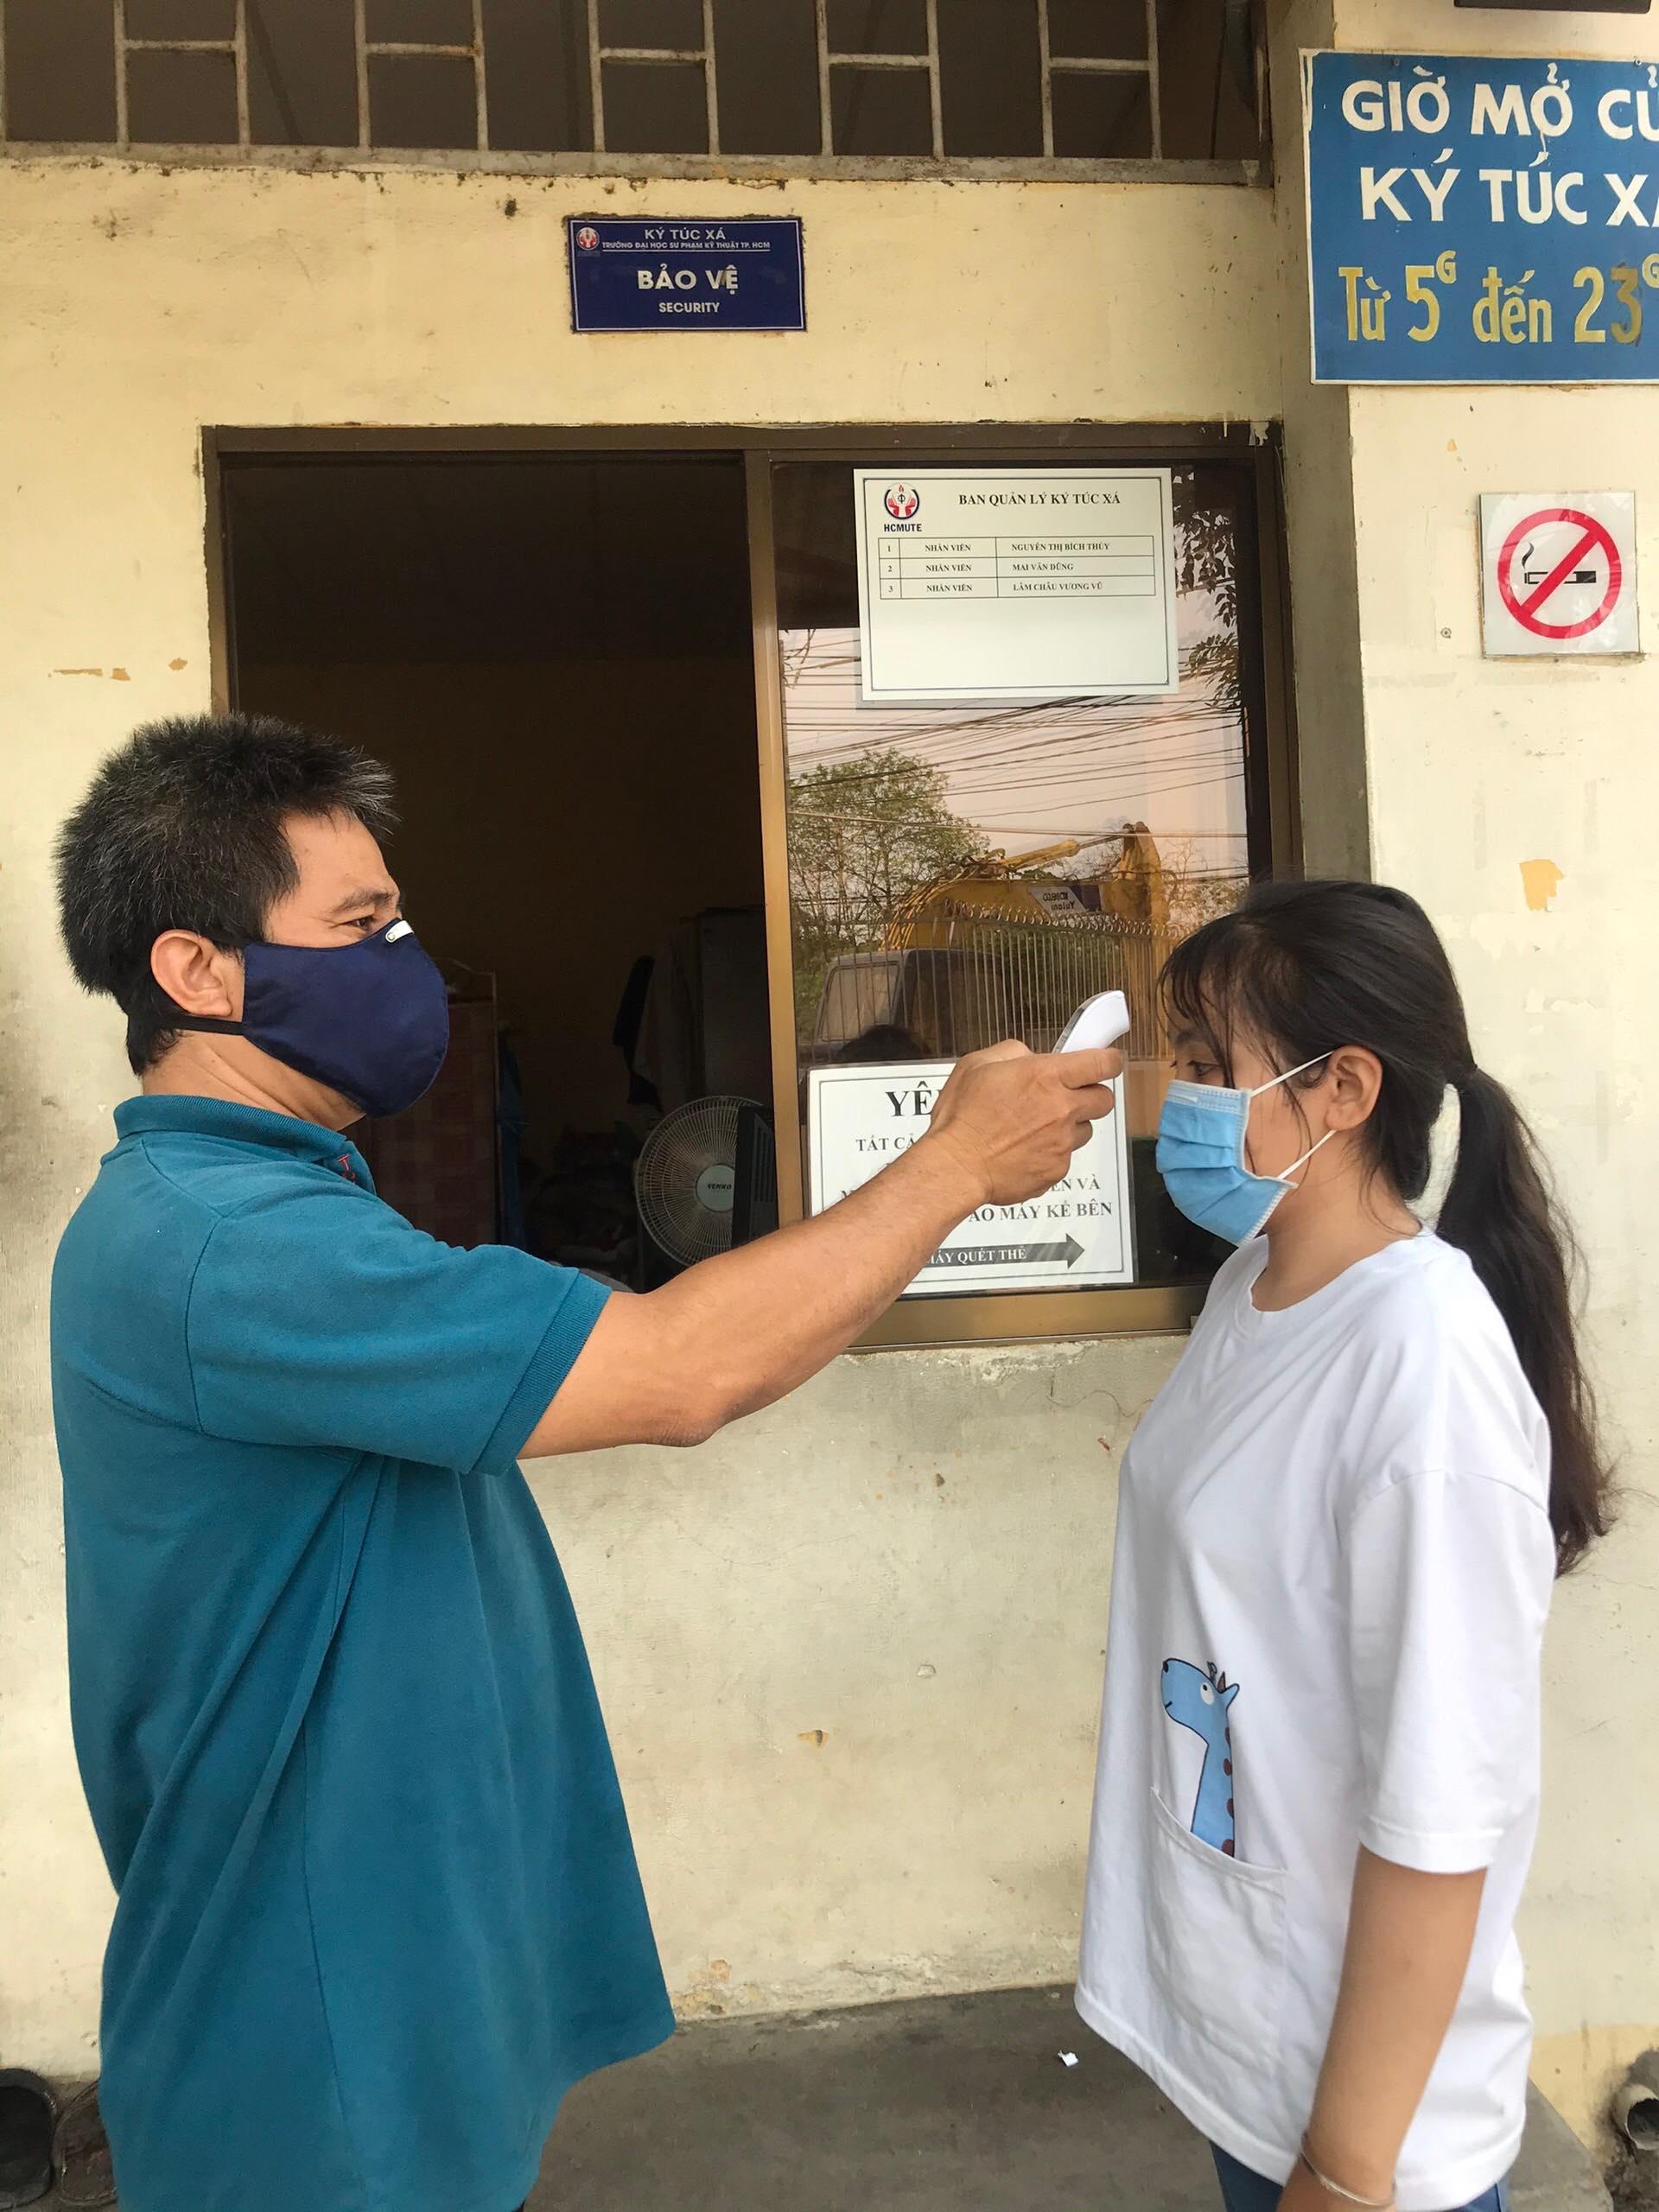 Đo thân nhiệt, đeo khẩu trang, mang nước súc miệng...khi đi học để phòng tránh lây nhiễm bệnh